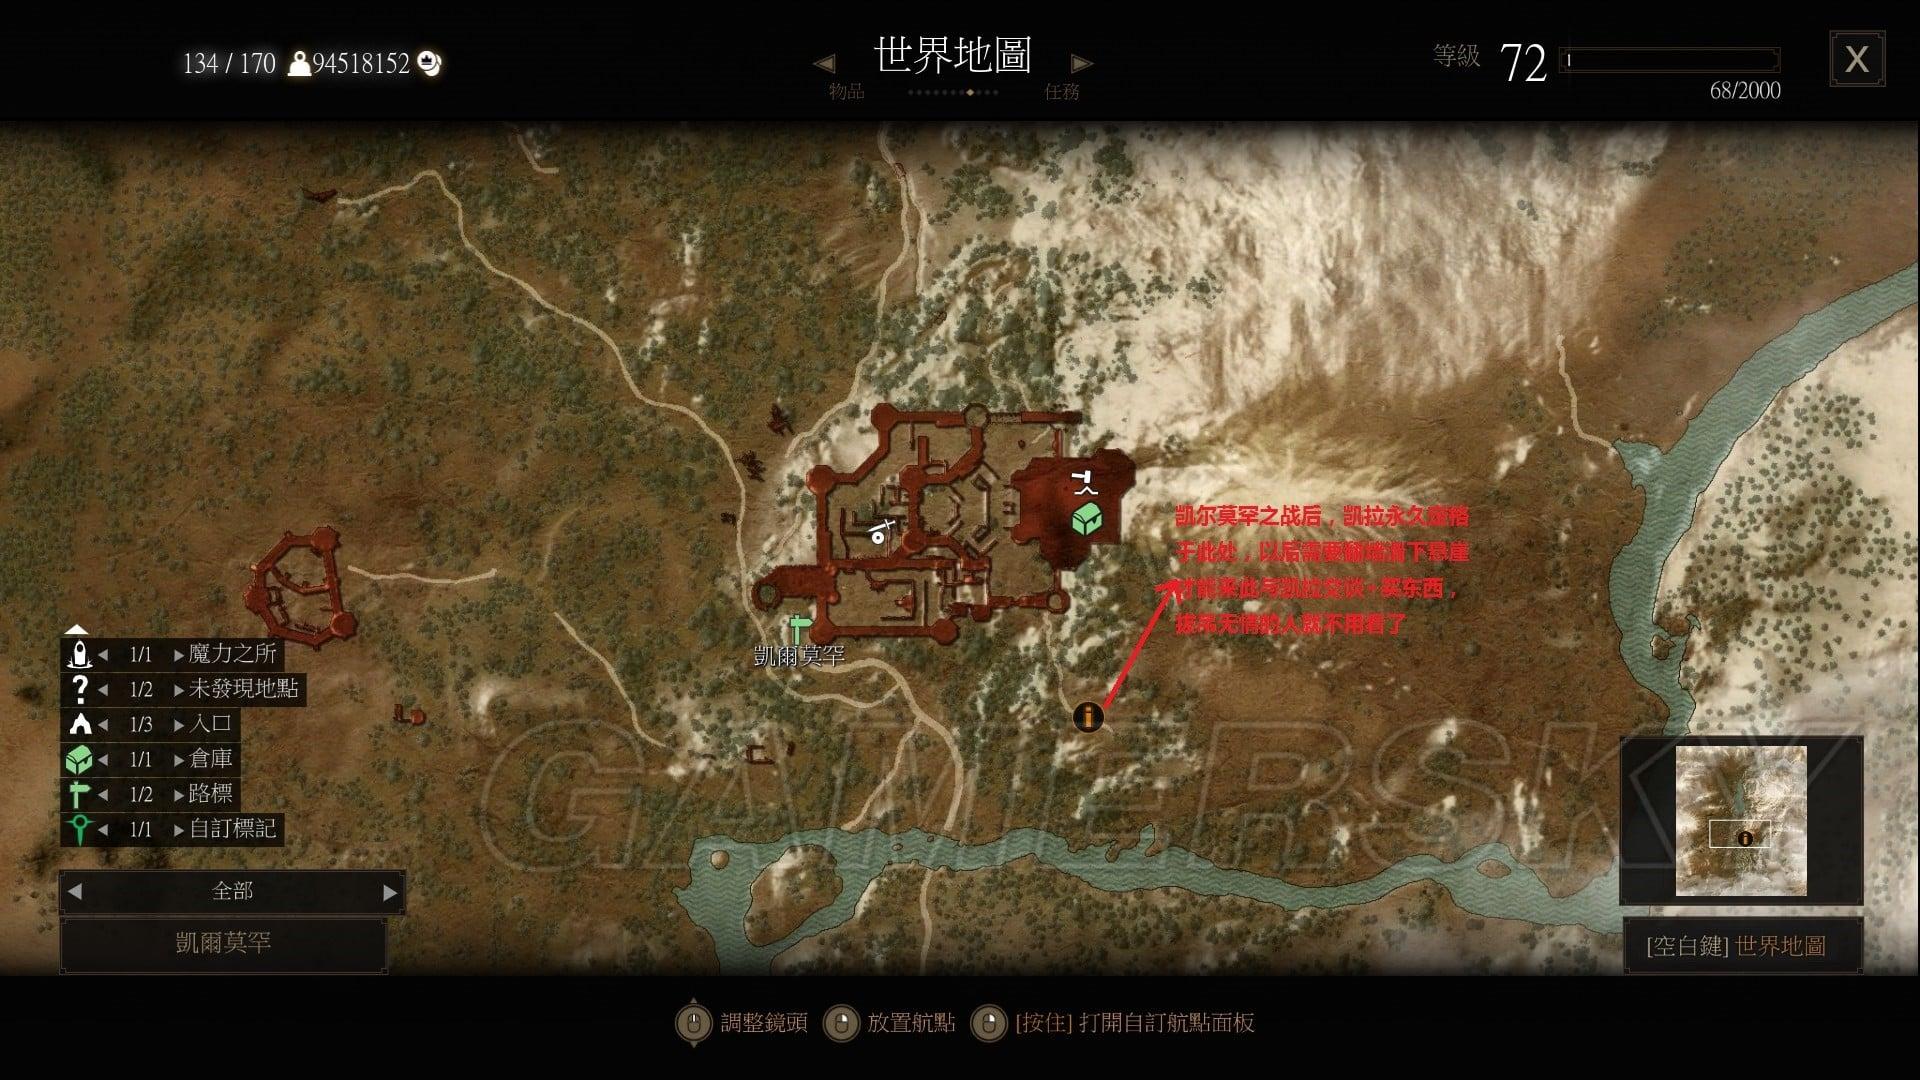 巫師3 通關后重要人物所在位置 通關后女爵在哪